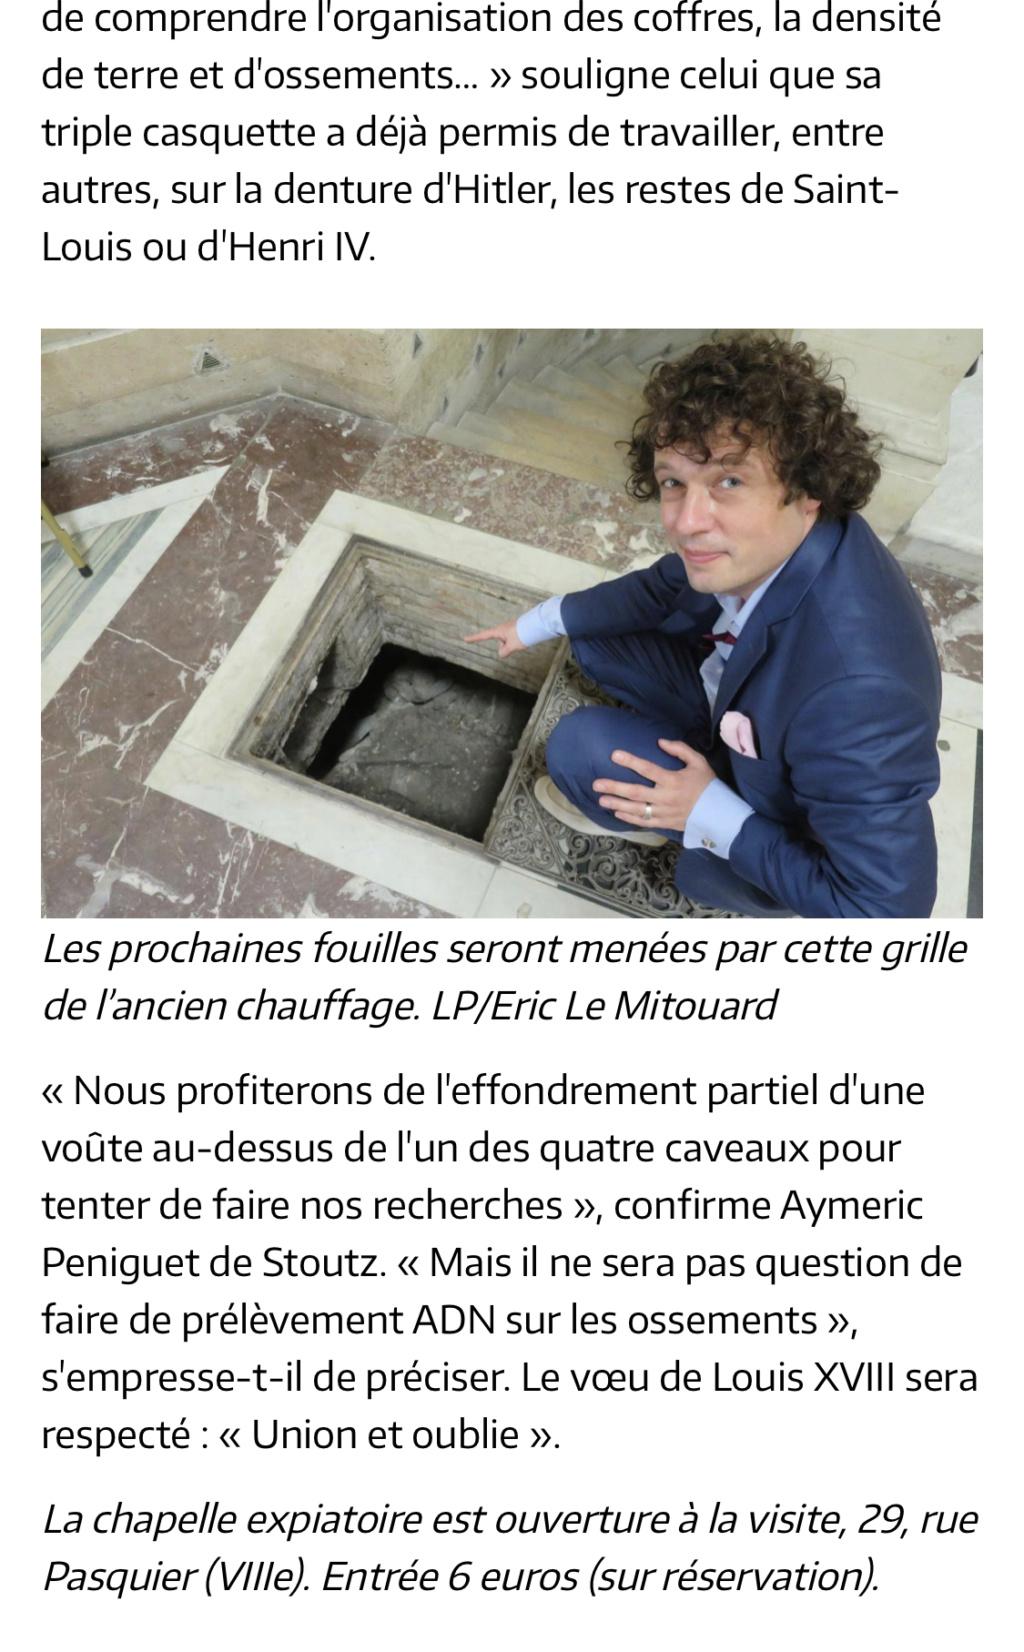 La chapelle expiatoire du square Louis XVI, à Paris - Page 3 F0491910